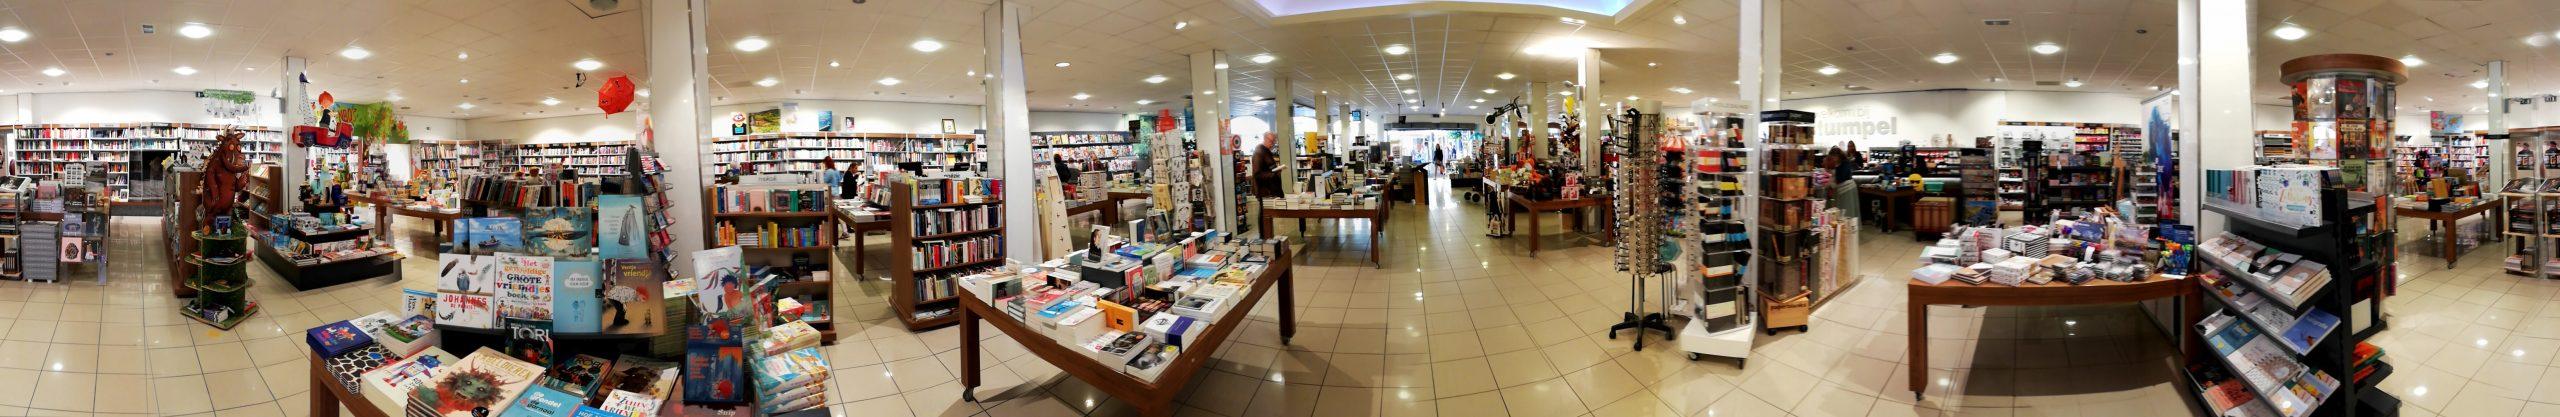 Het interieur van een van de boekwinkels